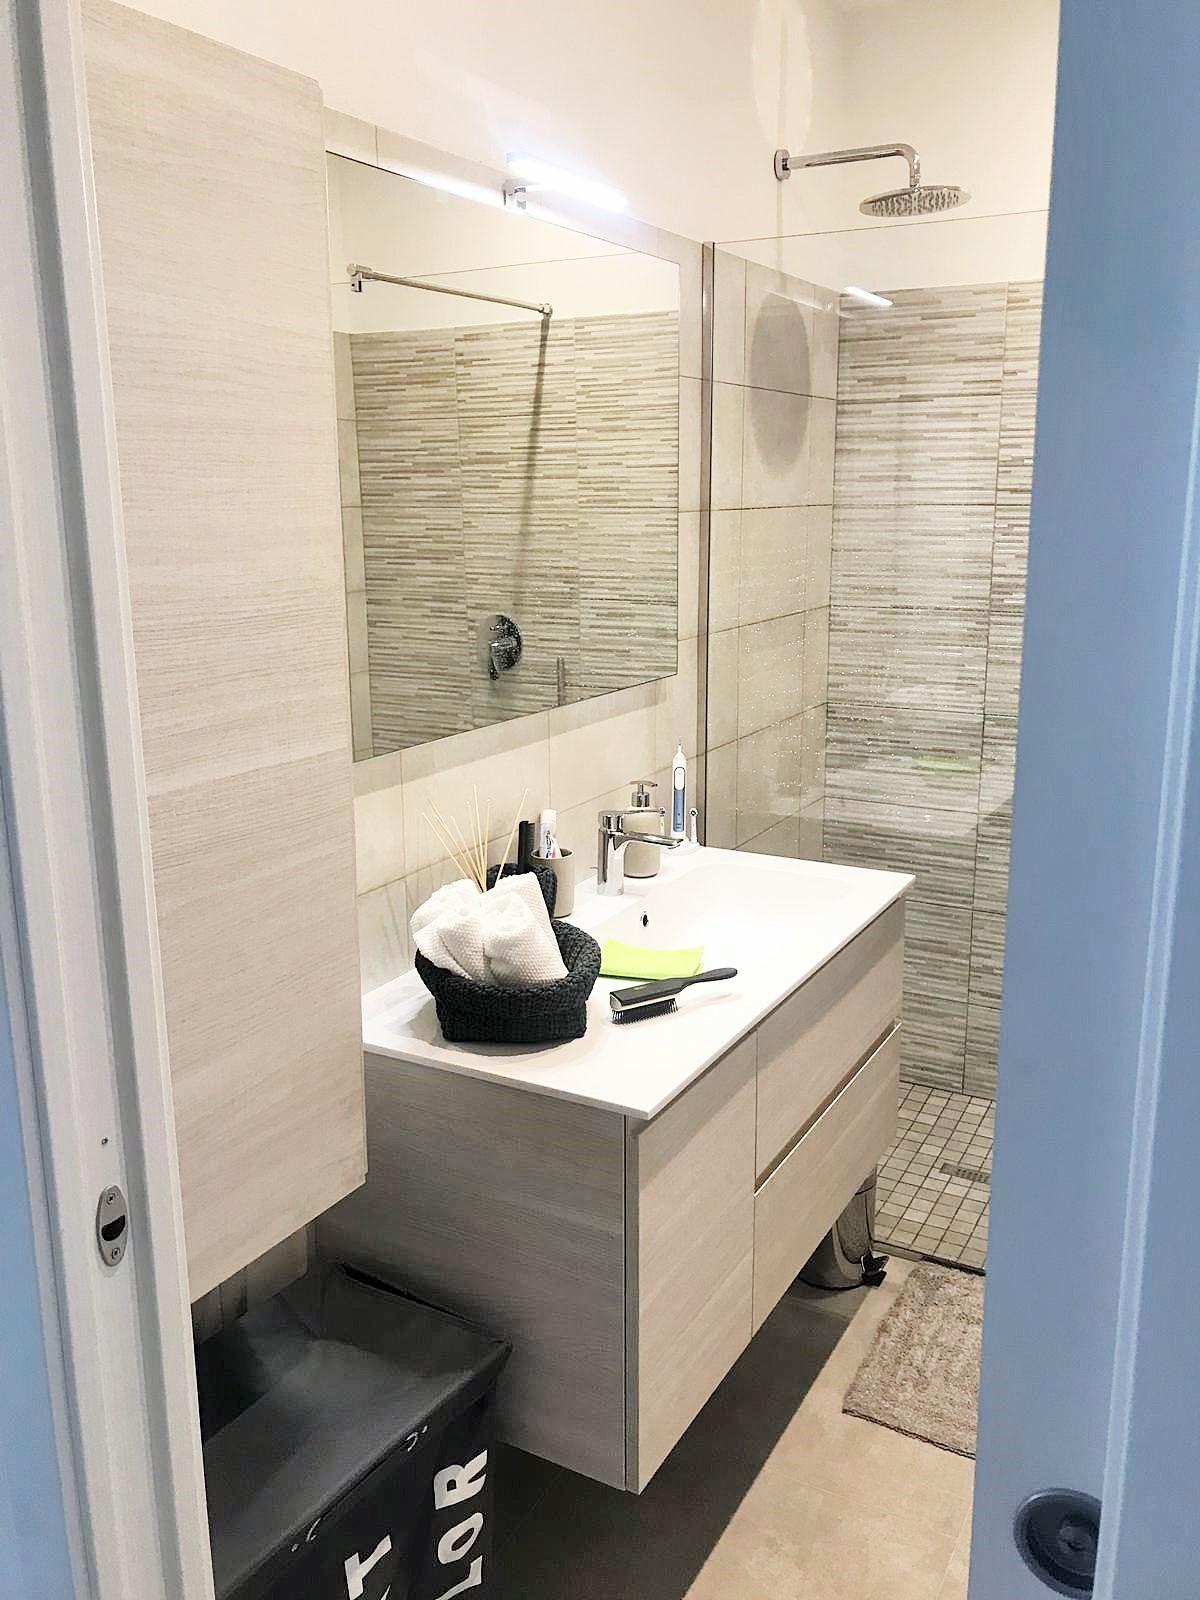 compab-bagno-realizzazioni-centro dell'arredamento-savona